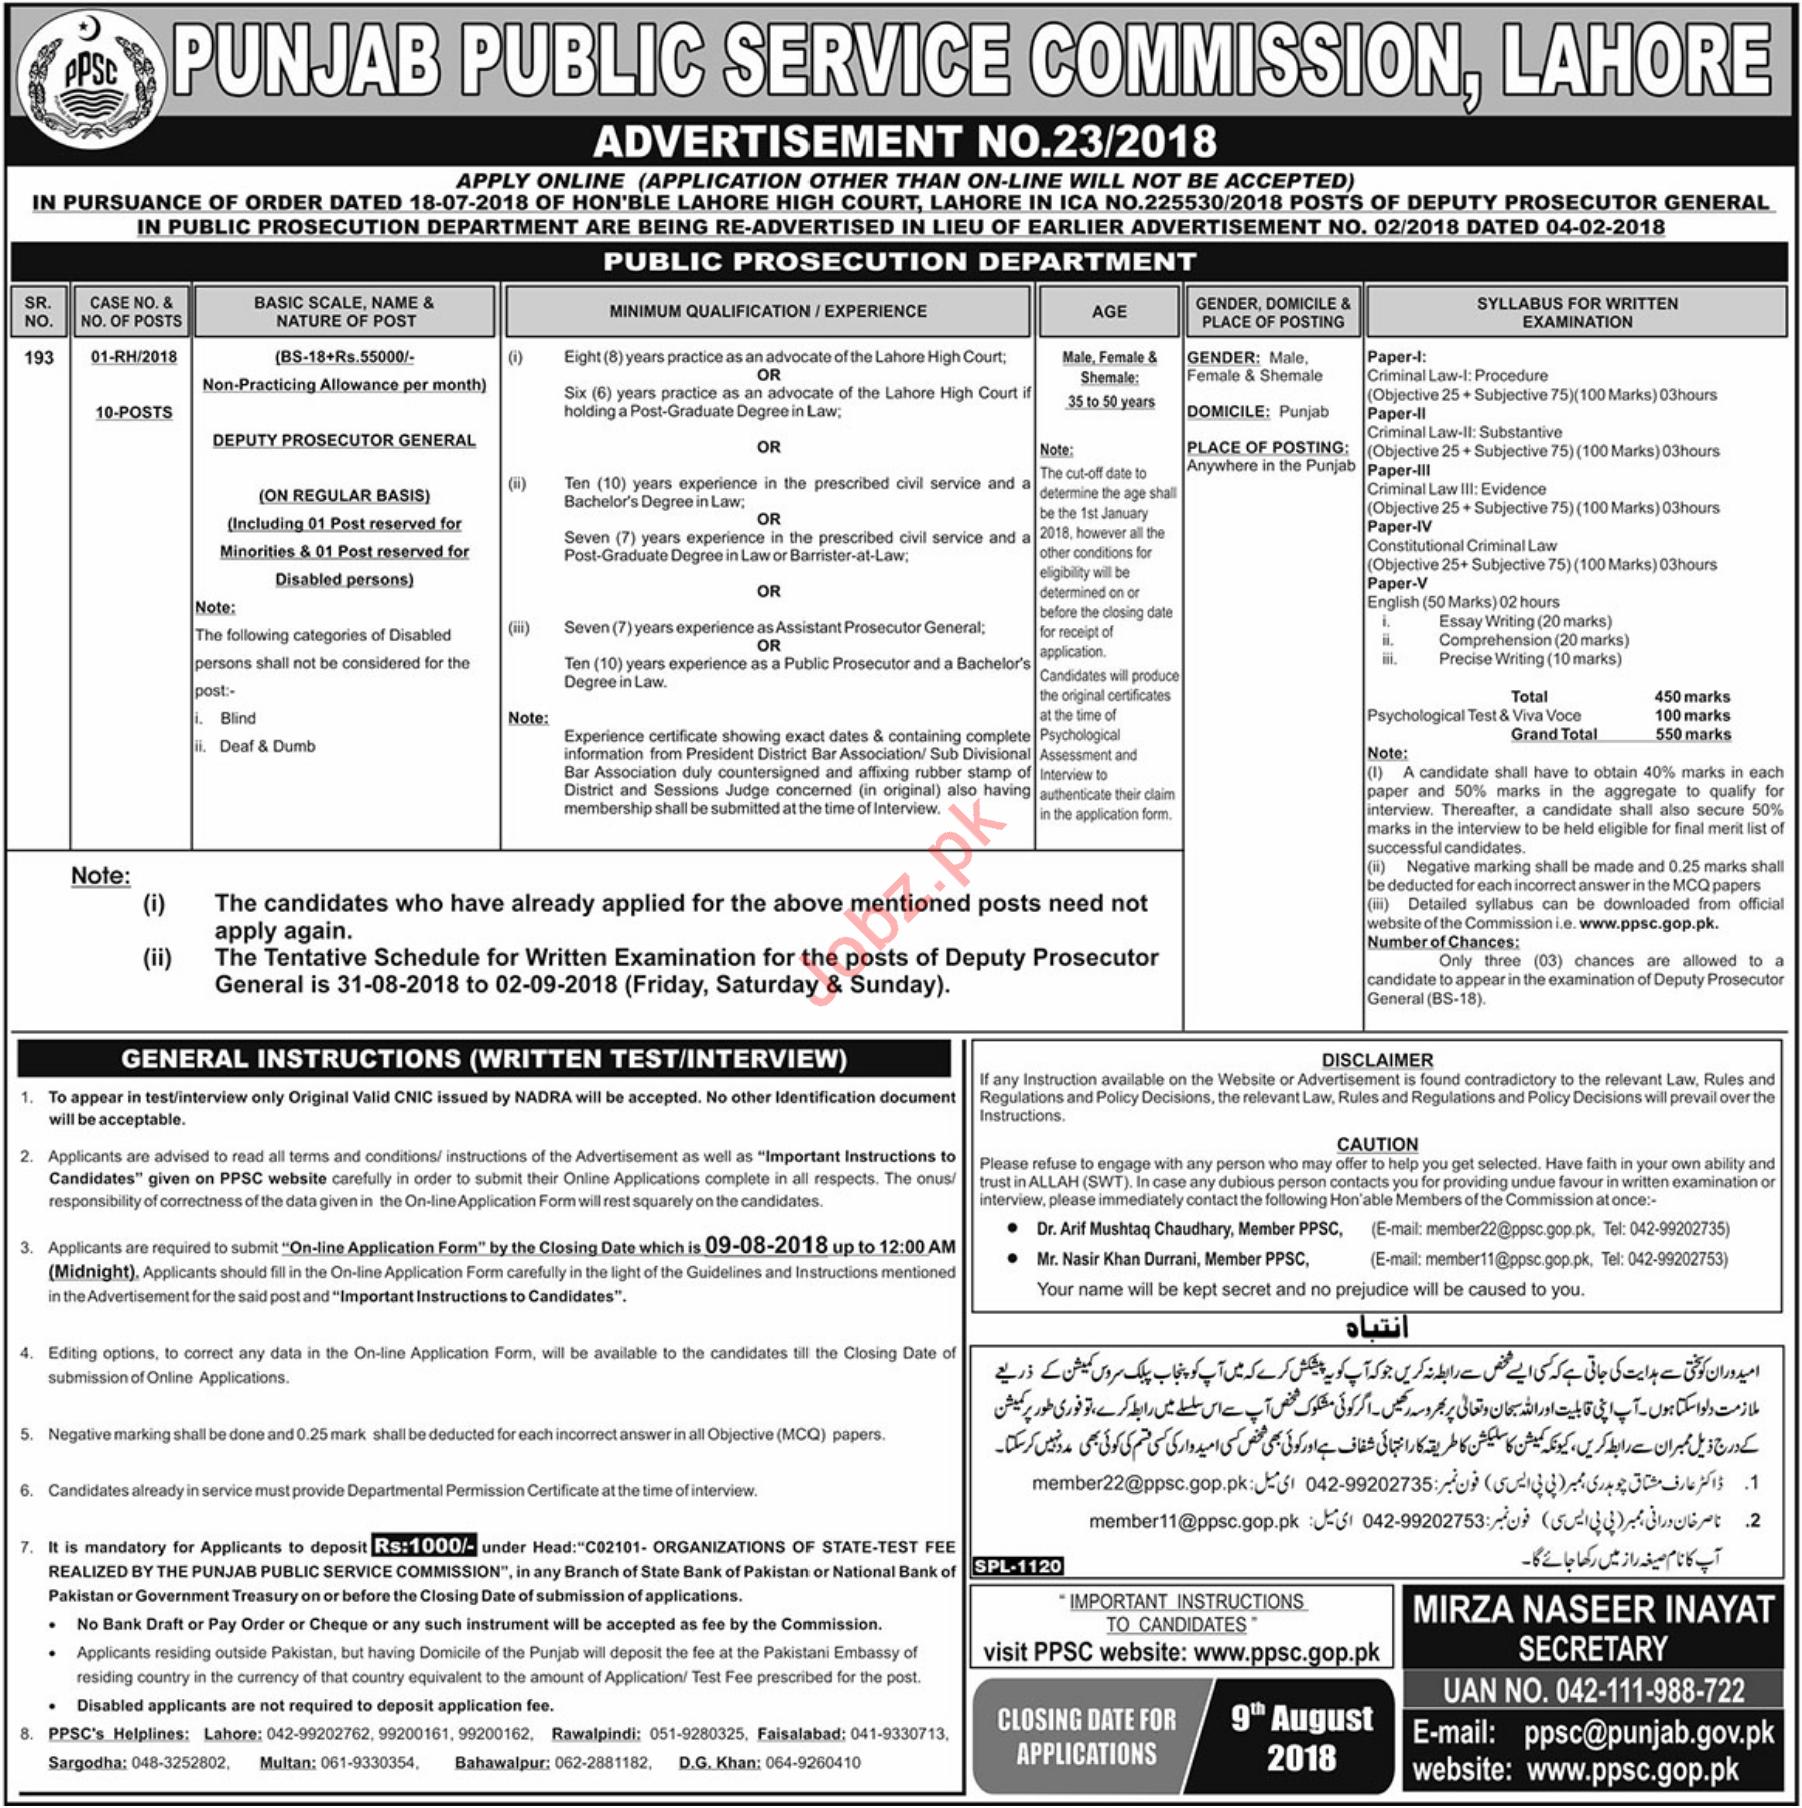 PPSC Public Prosecution Department Lahore Jobs 2018